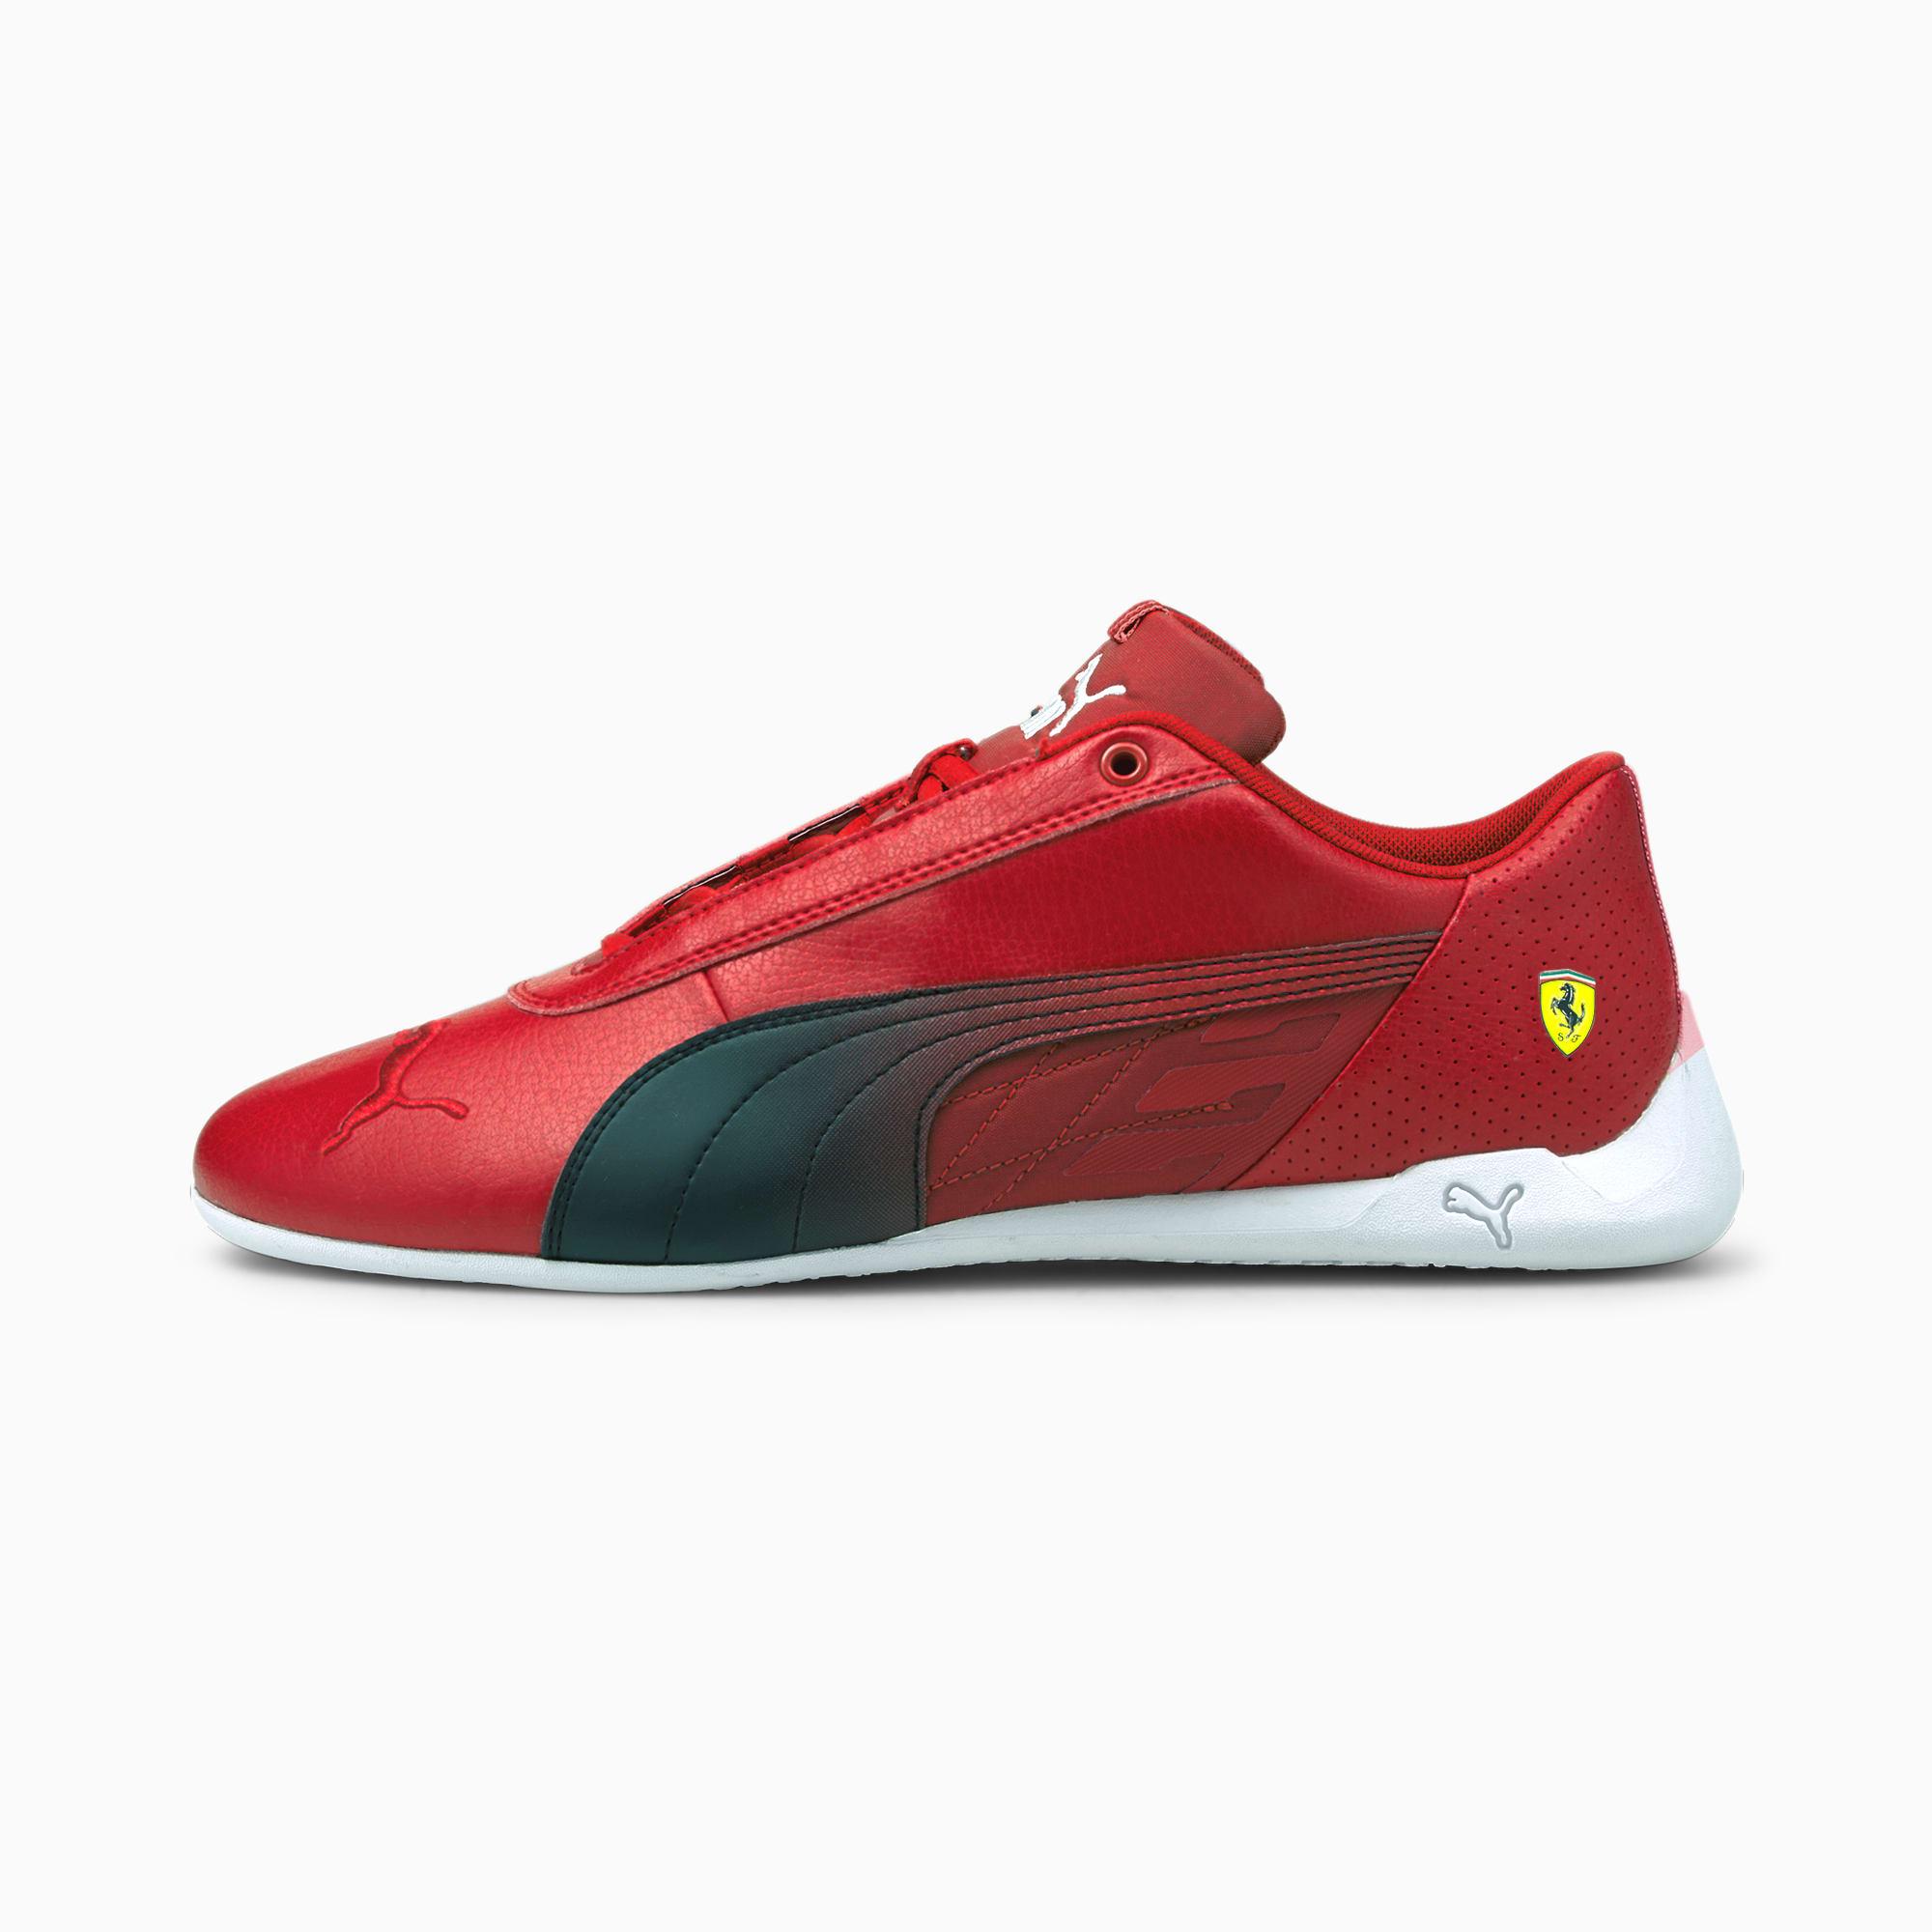 Scuderia Ferrari R-Cat Men's Motorsport Shoes